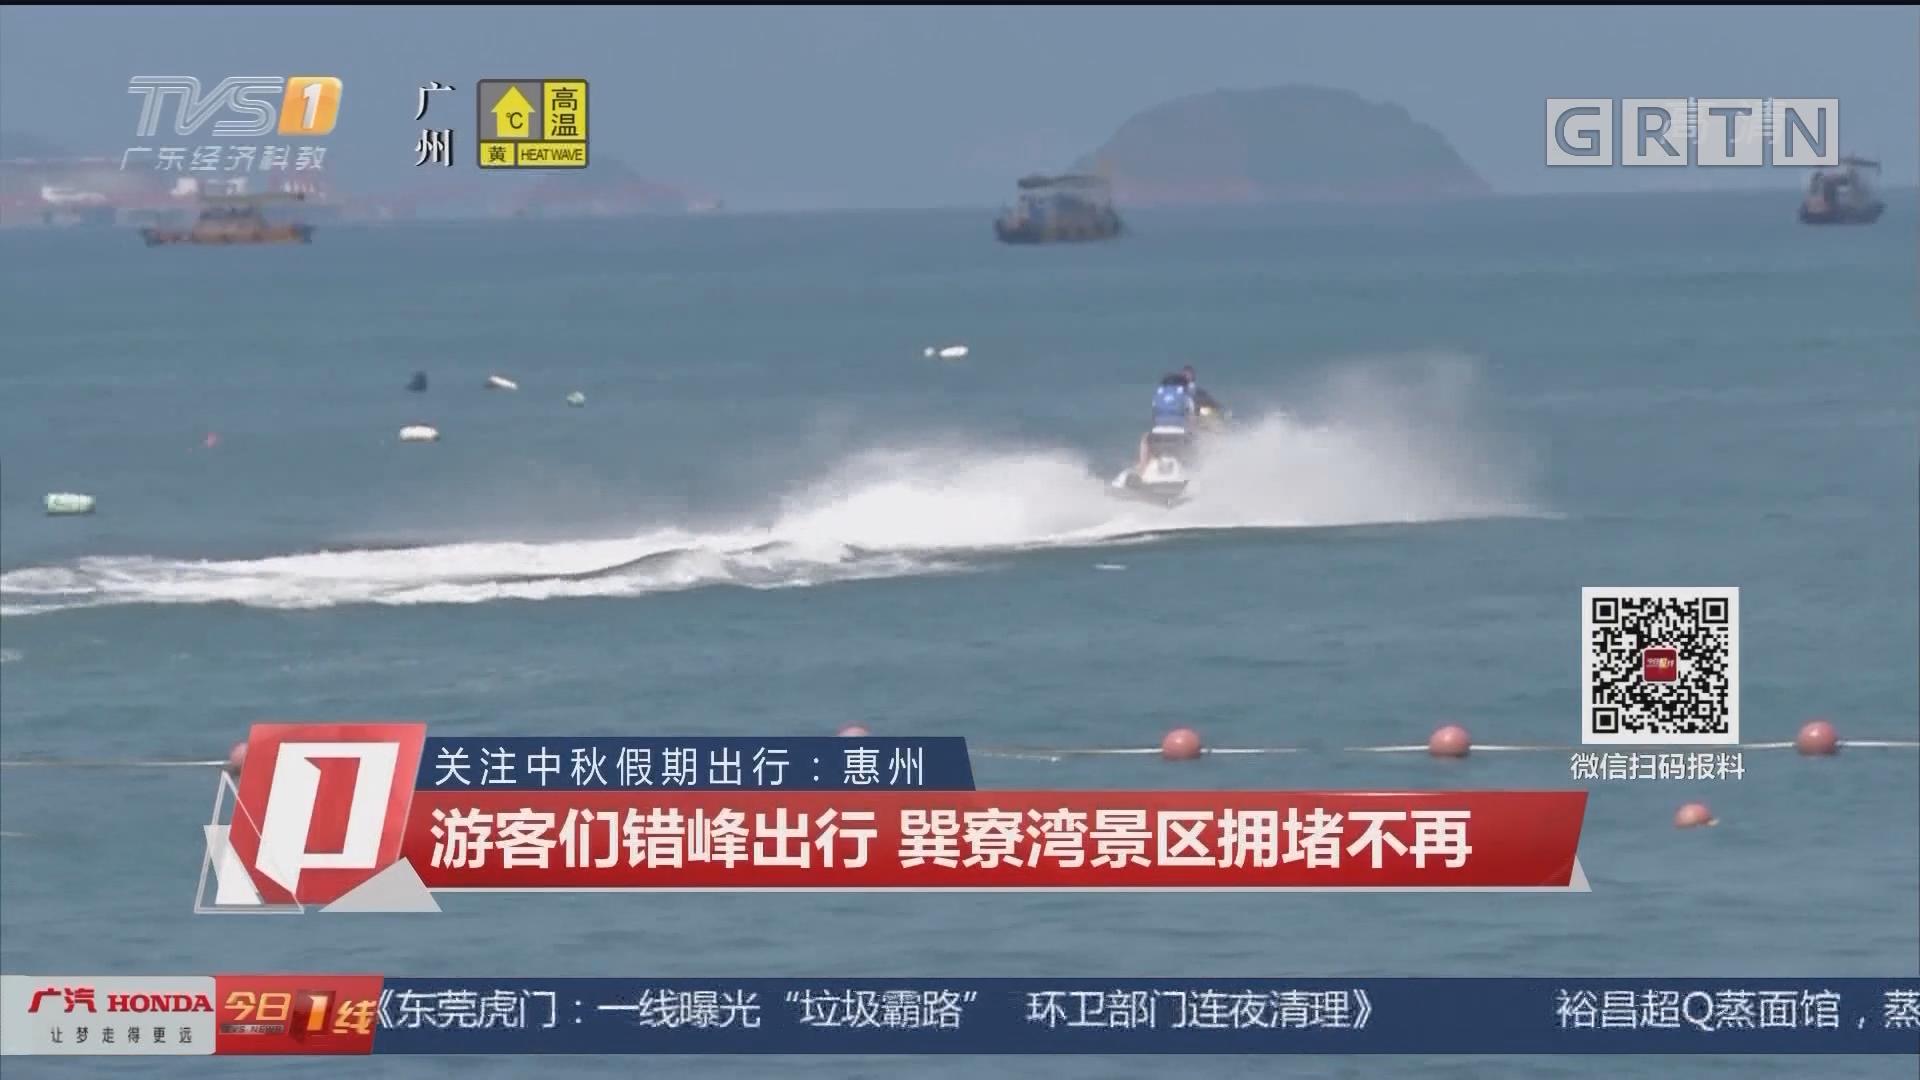 关注中秋假期出行:惠州 游客们错峰出行 巽寮湾景区拥堵不再